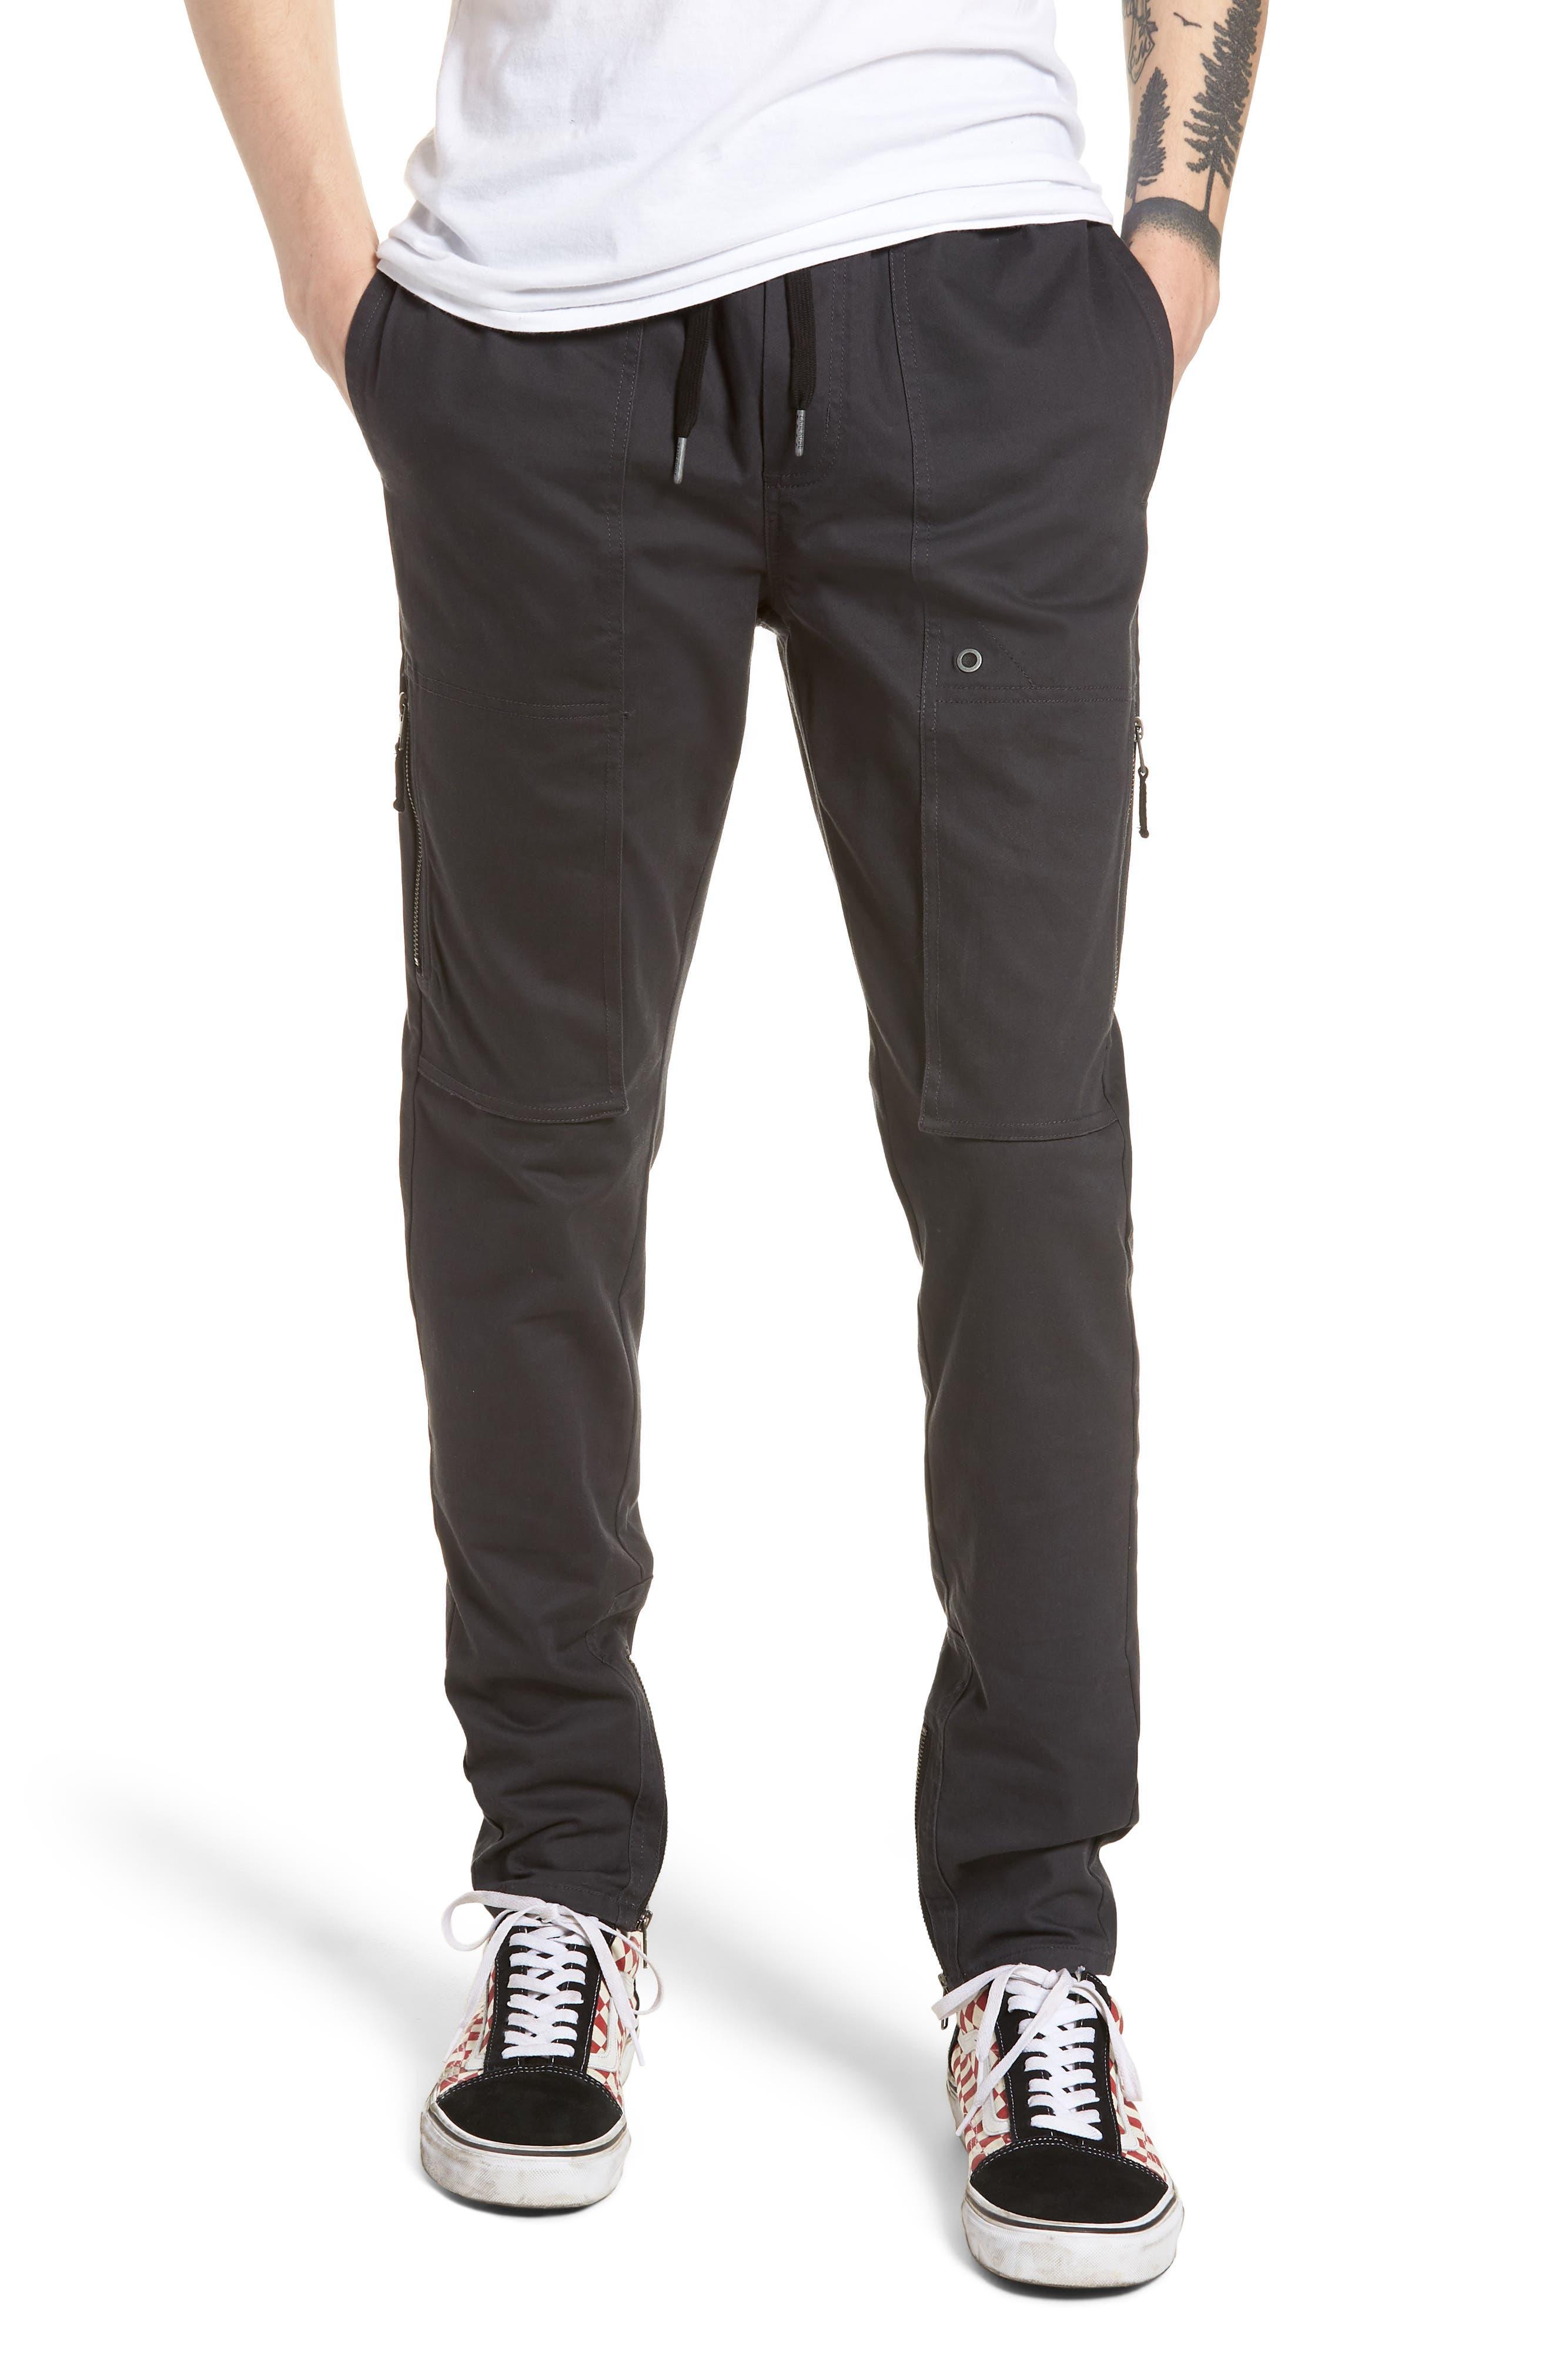 Blockshot Jogger Pants,                             Main thumbnail 1, color,                             Vintage Black/ Black